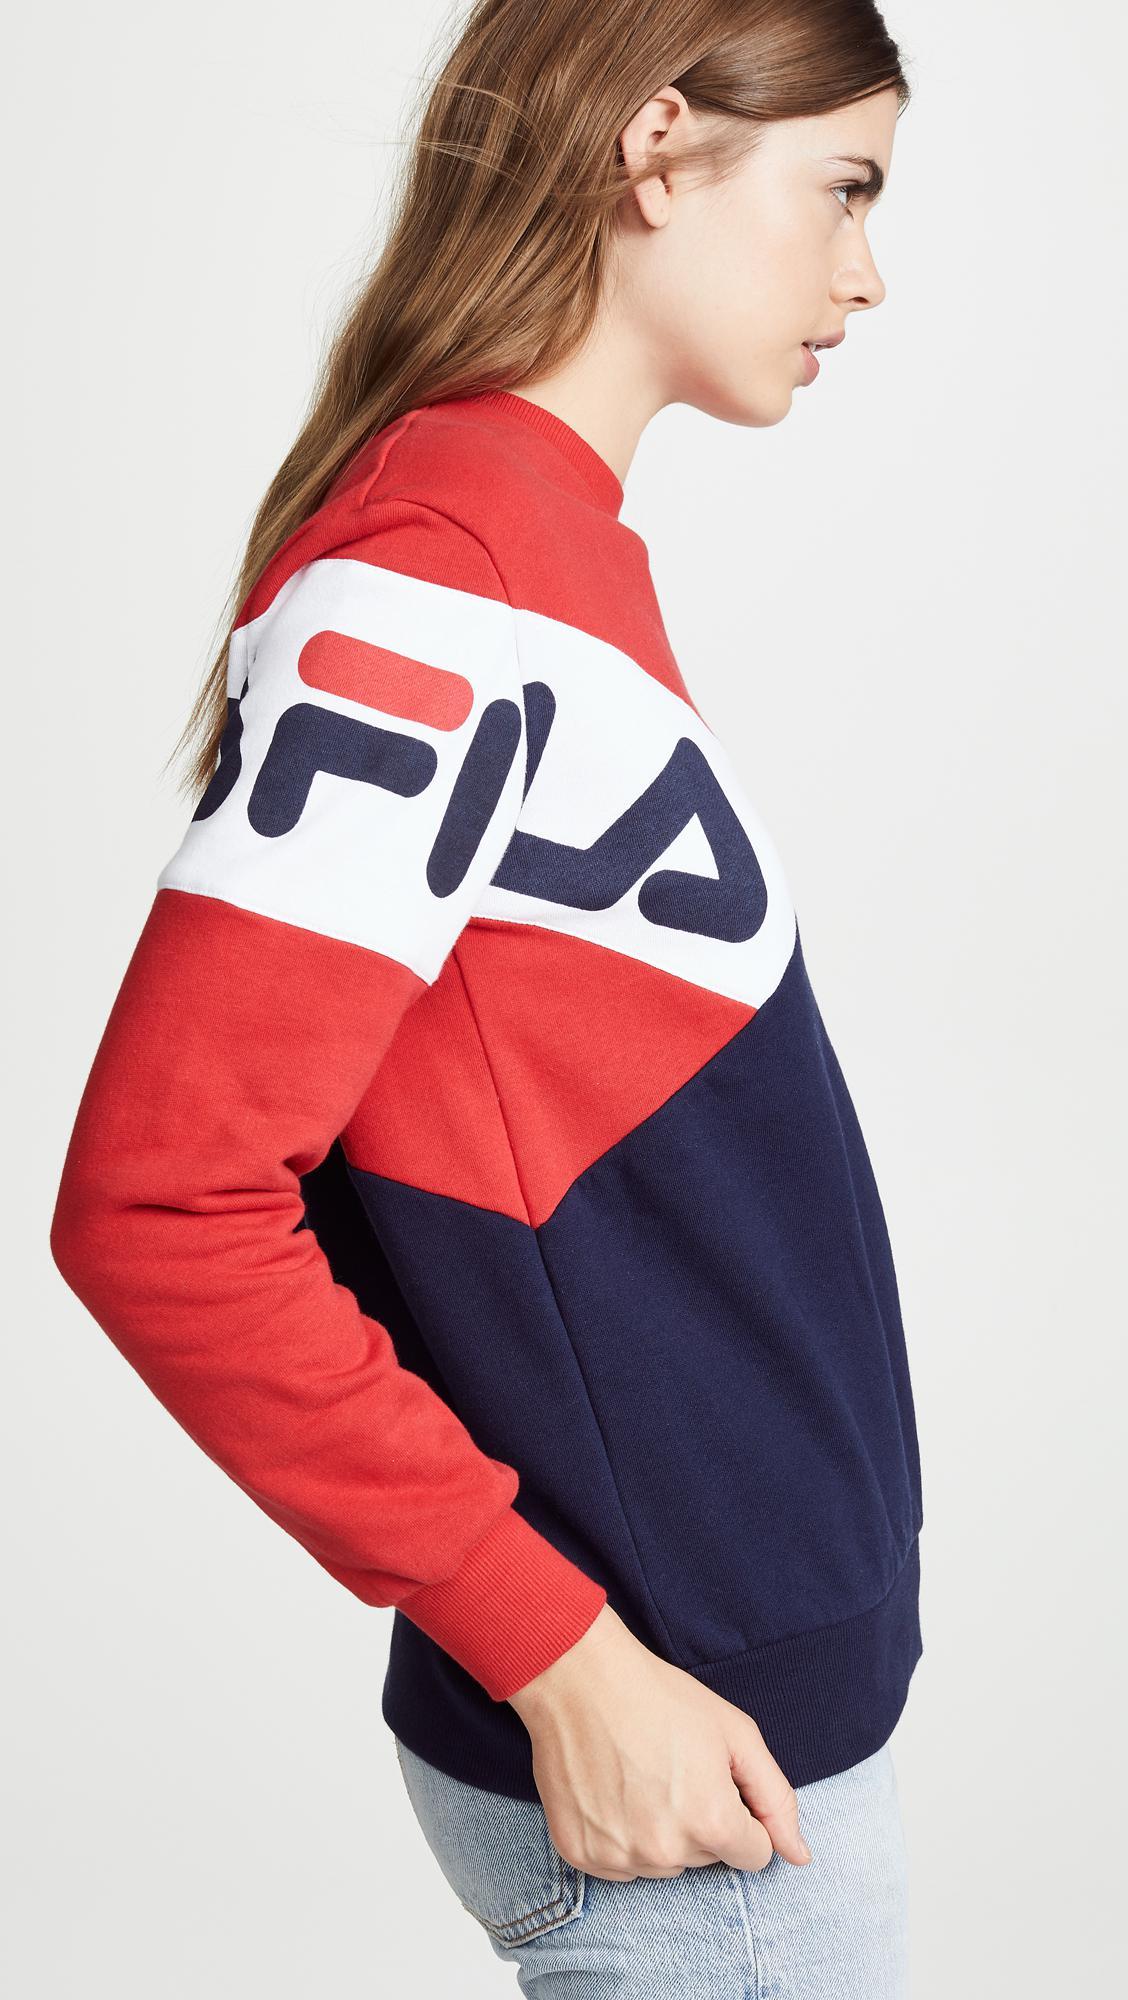 b016b3d9a222 Fila Lidia Sweatshirt - Lyst